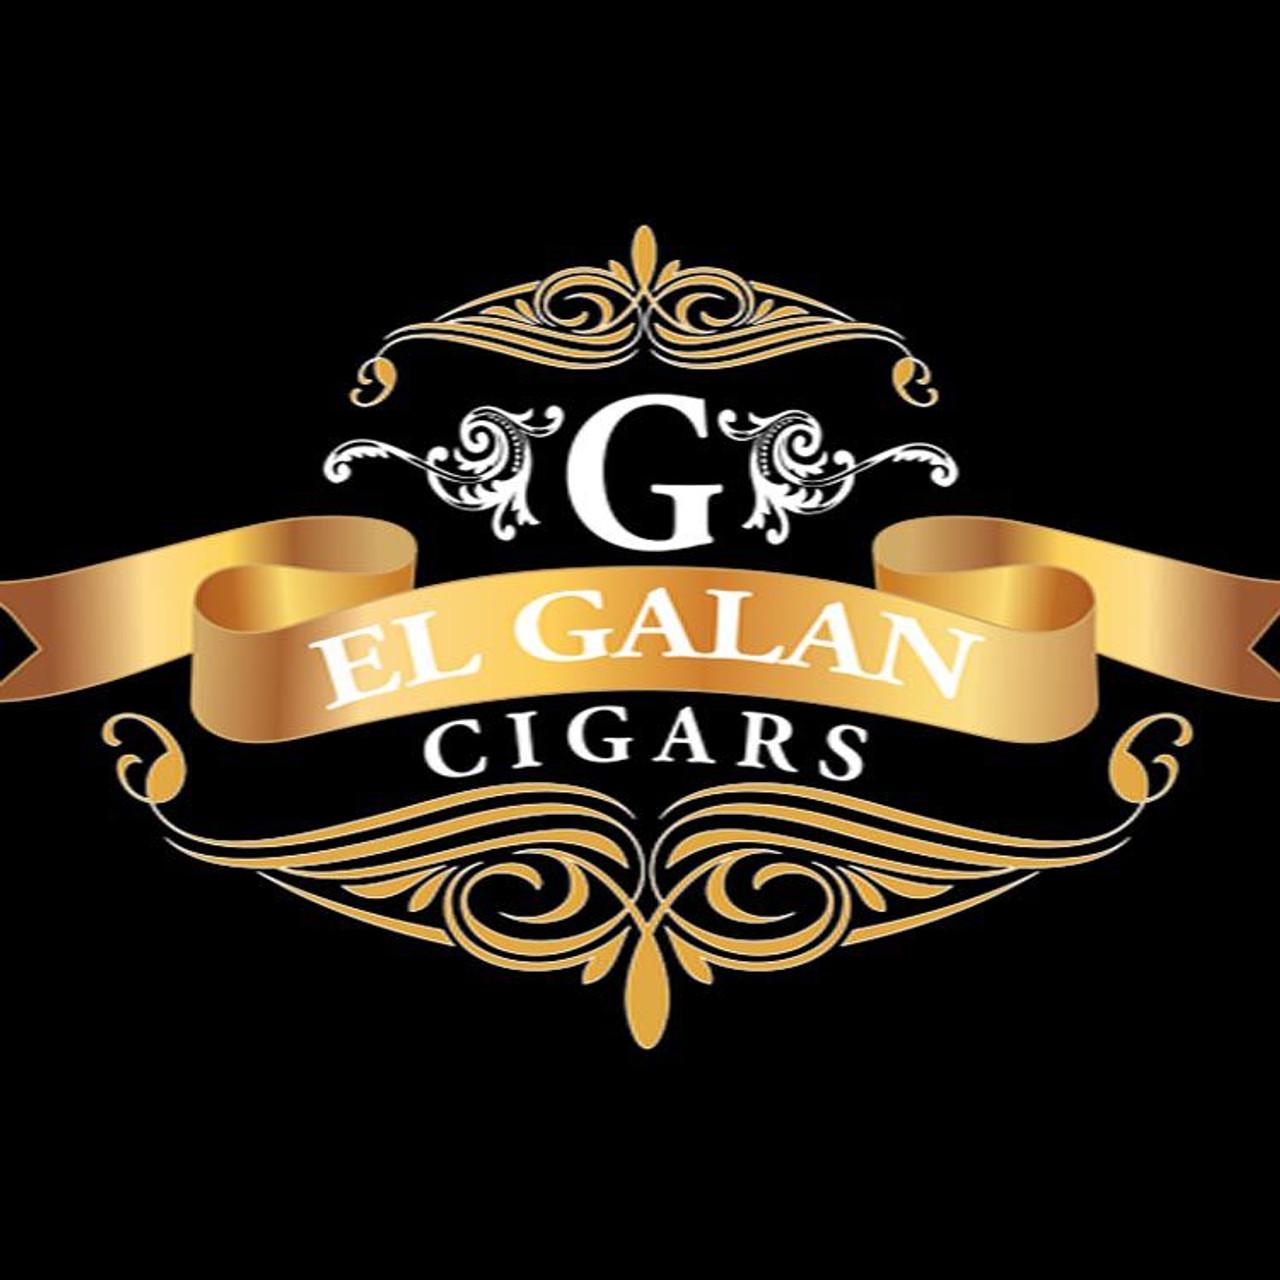 El Galan Campechano Toro Cigars - 6 x 50 (Bundle of 25)